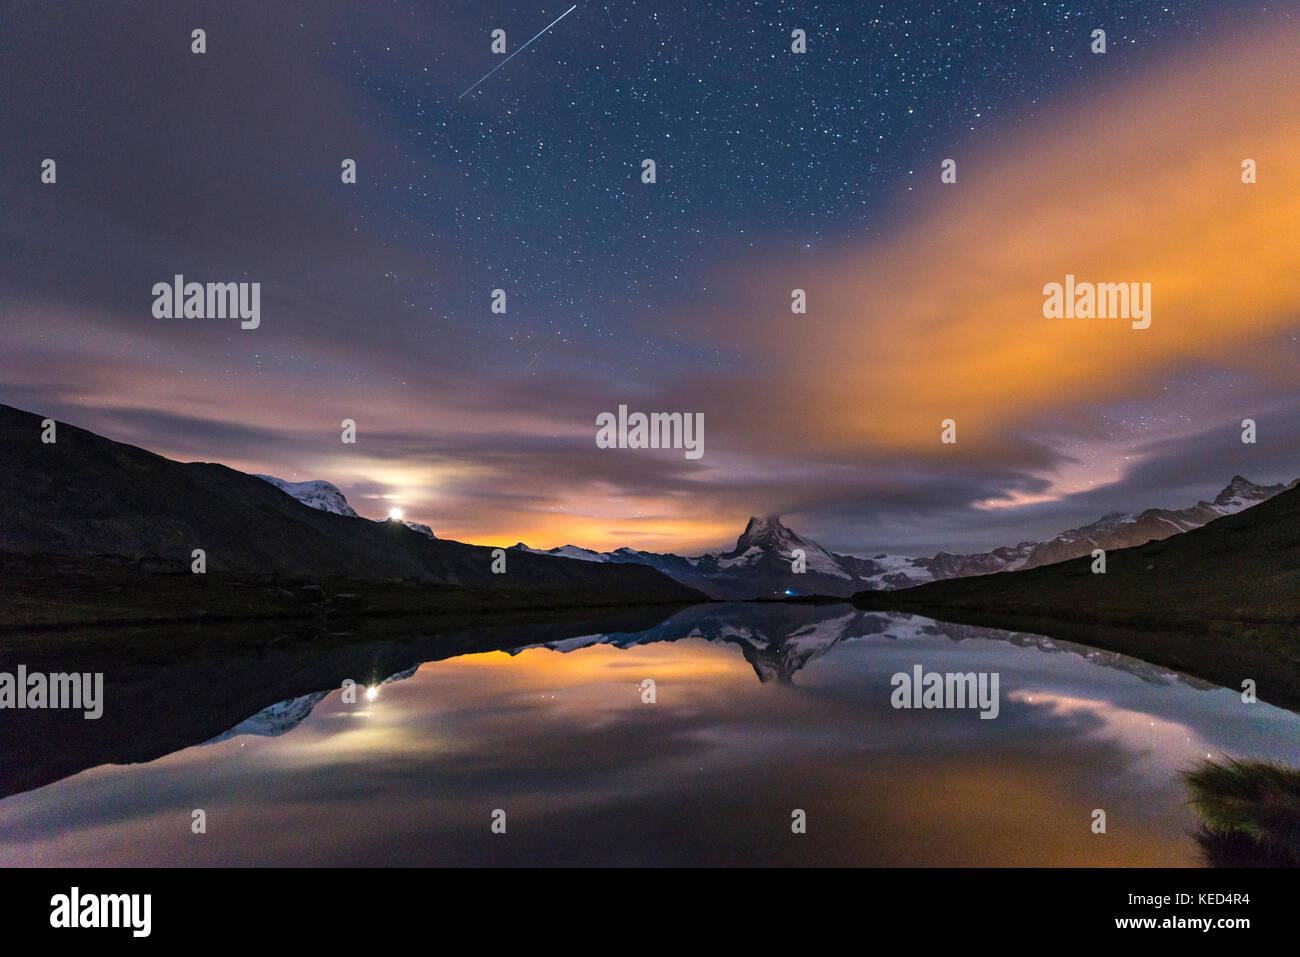 Nachtsicht, Sternenhimmel mit Shooting Star, schneebedeckten Matterhorns in den sellisee, Wallis, Schweiz Stockbild